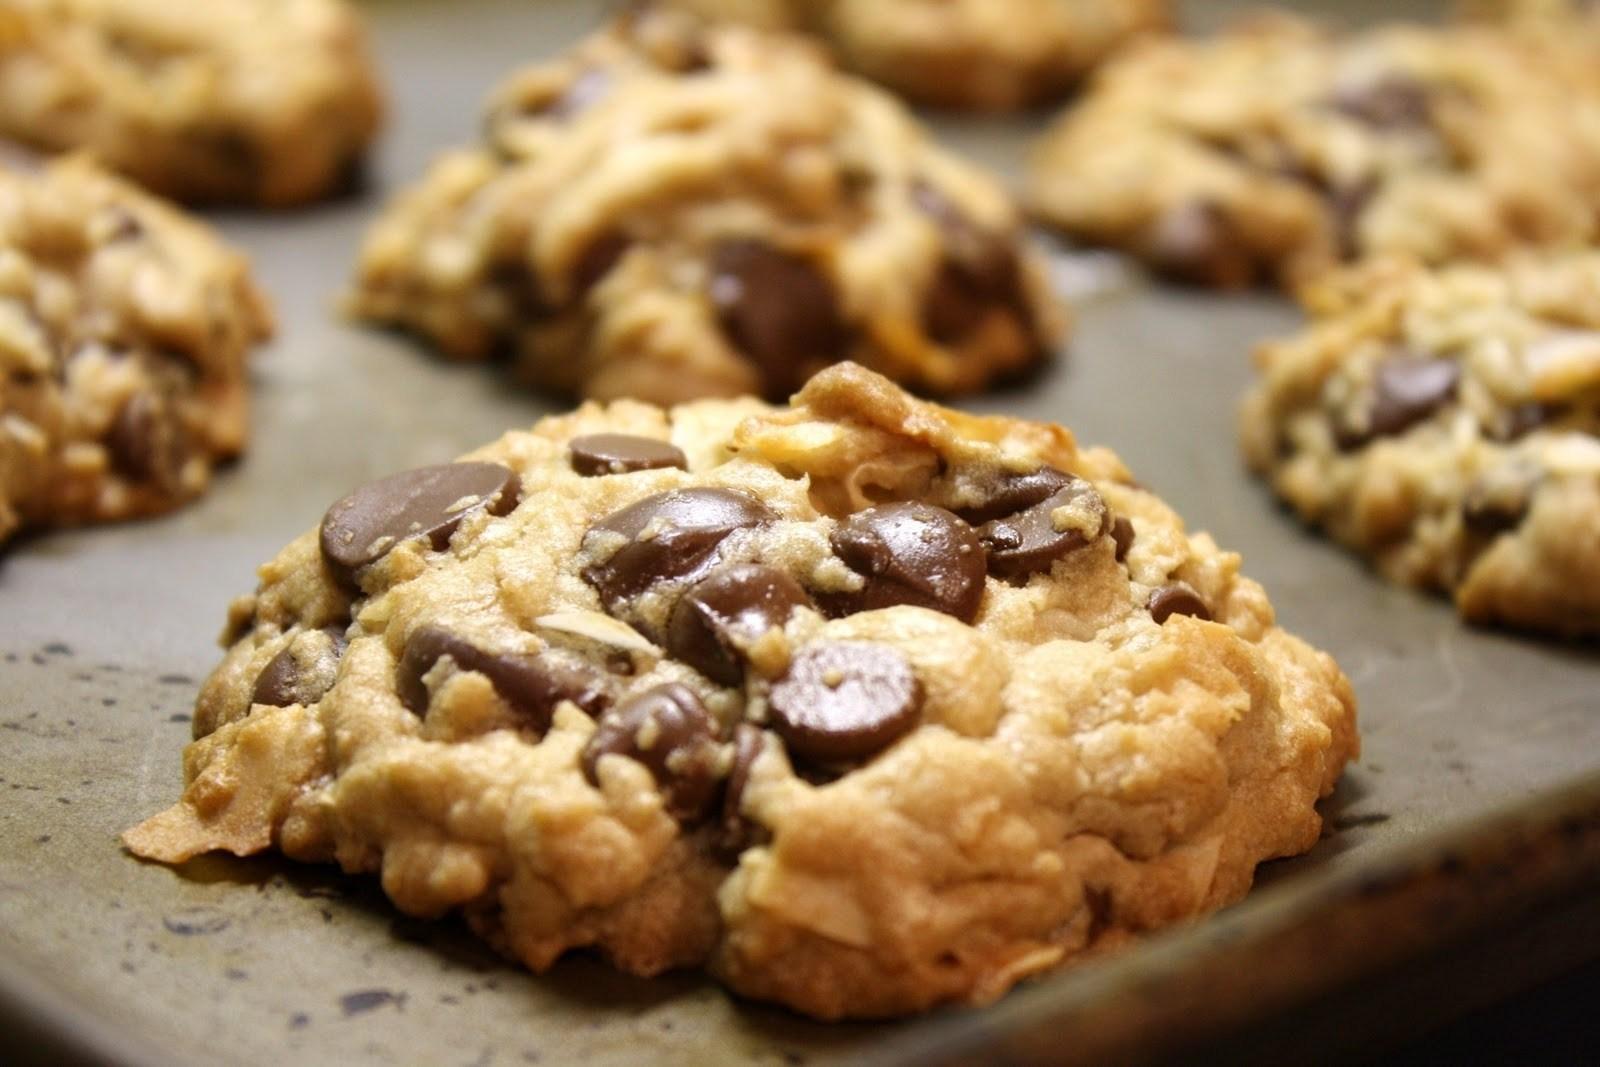 5 Makanan Berbahaya Yang Tidak Boleh di Konsumsi Secara Rutin 5